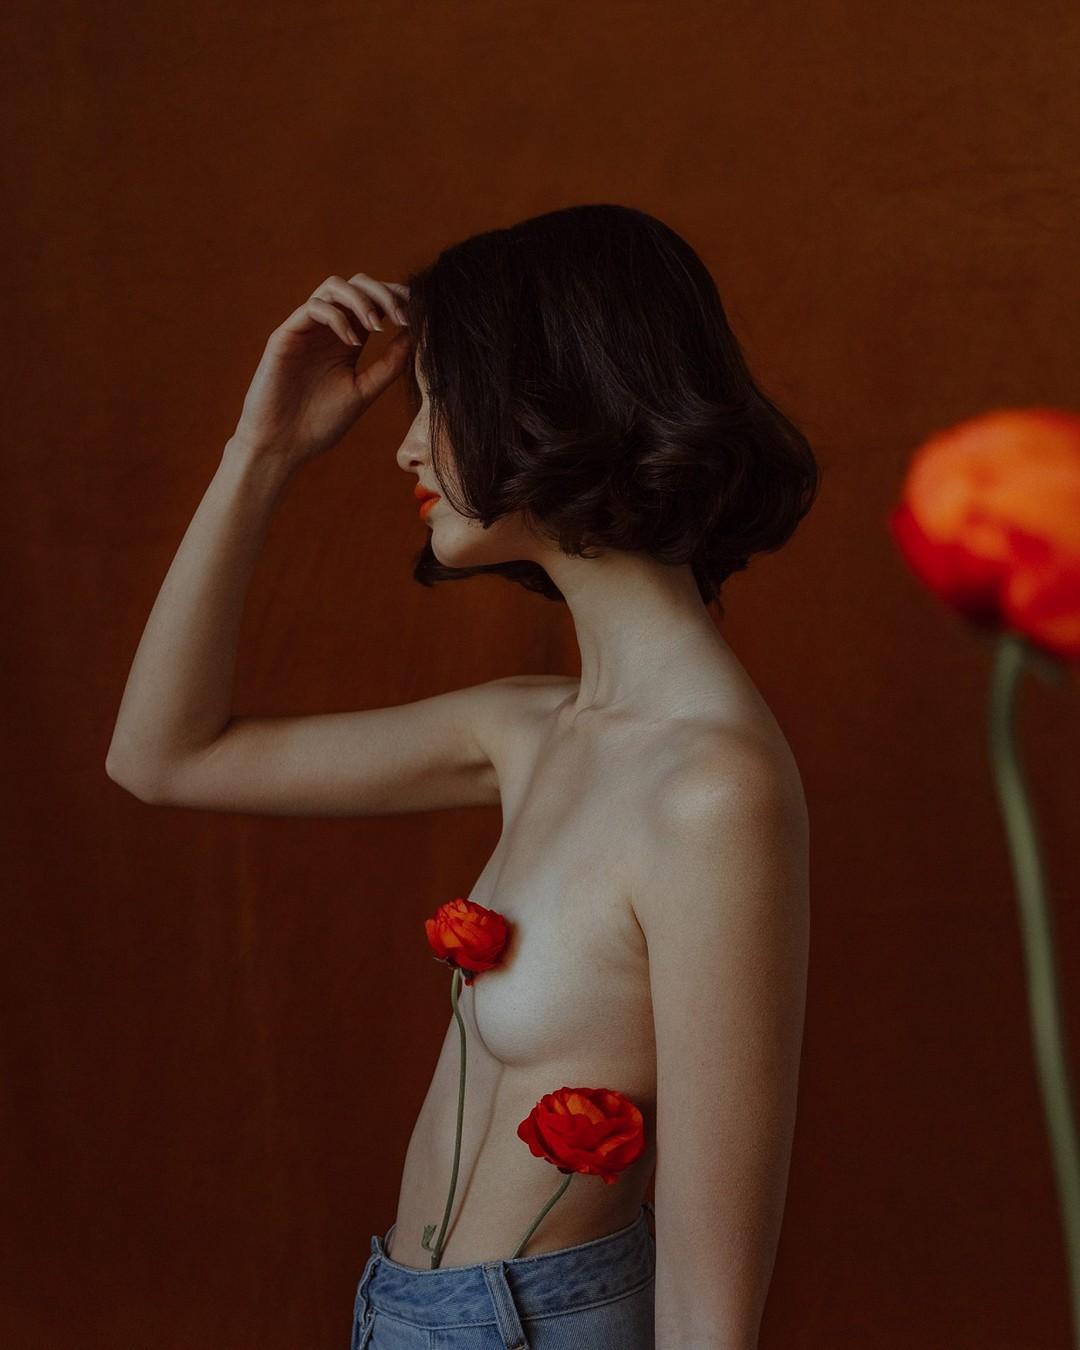 Чувственные снимки девушек от Кэтрин Брук